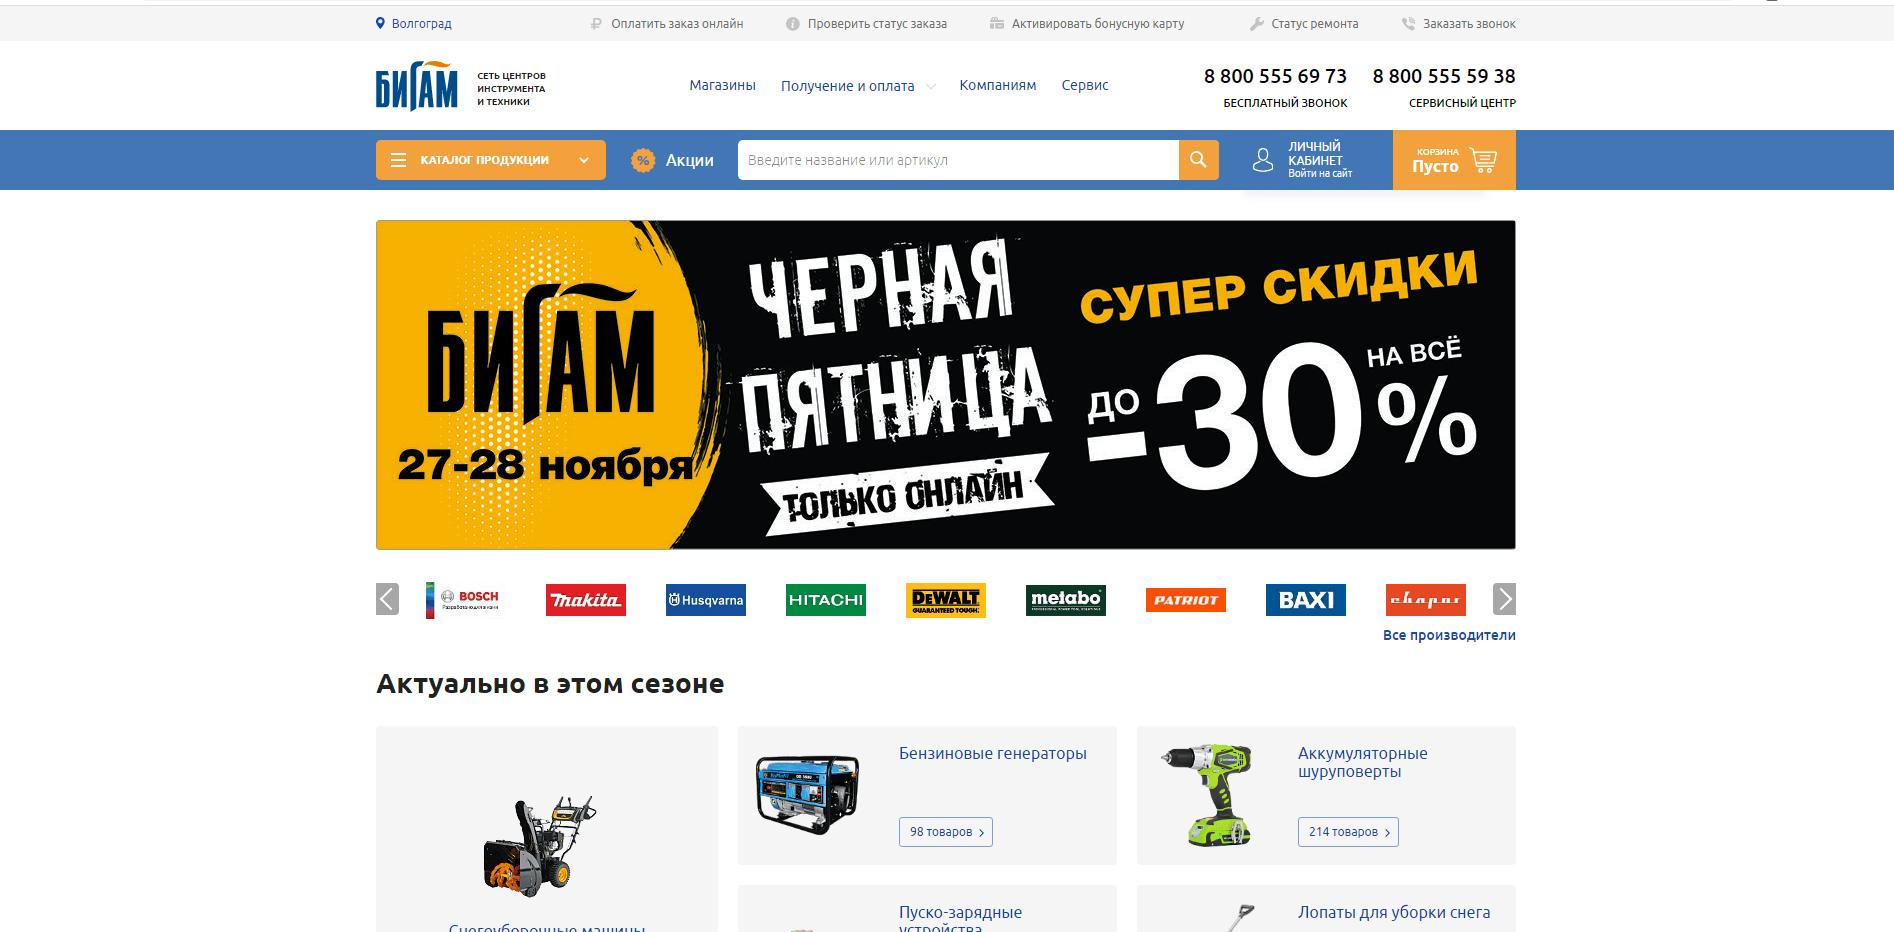 bigam.ru website